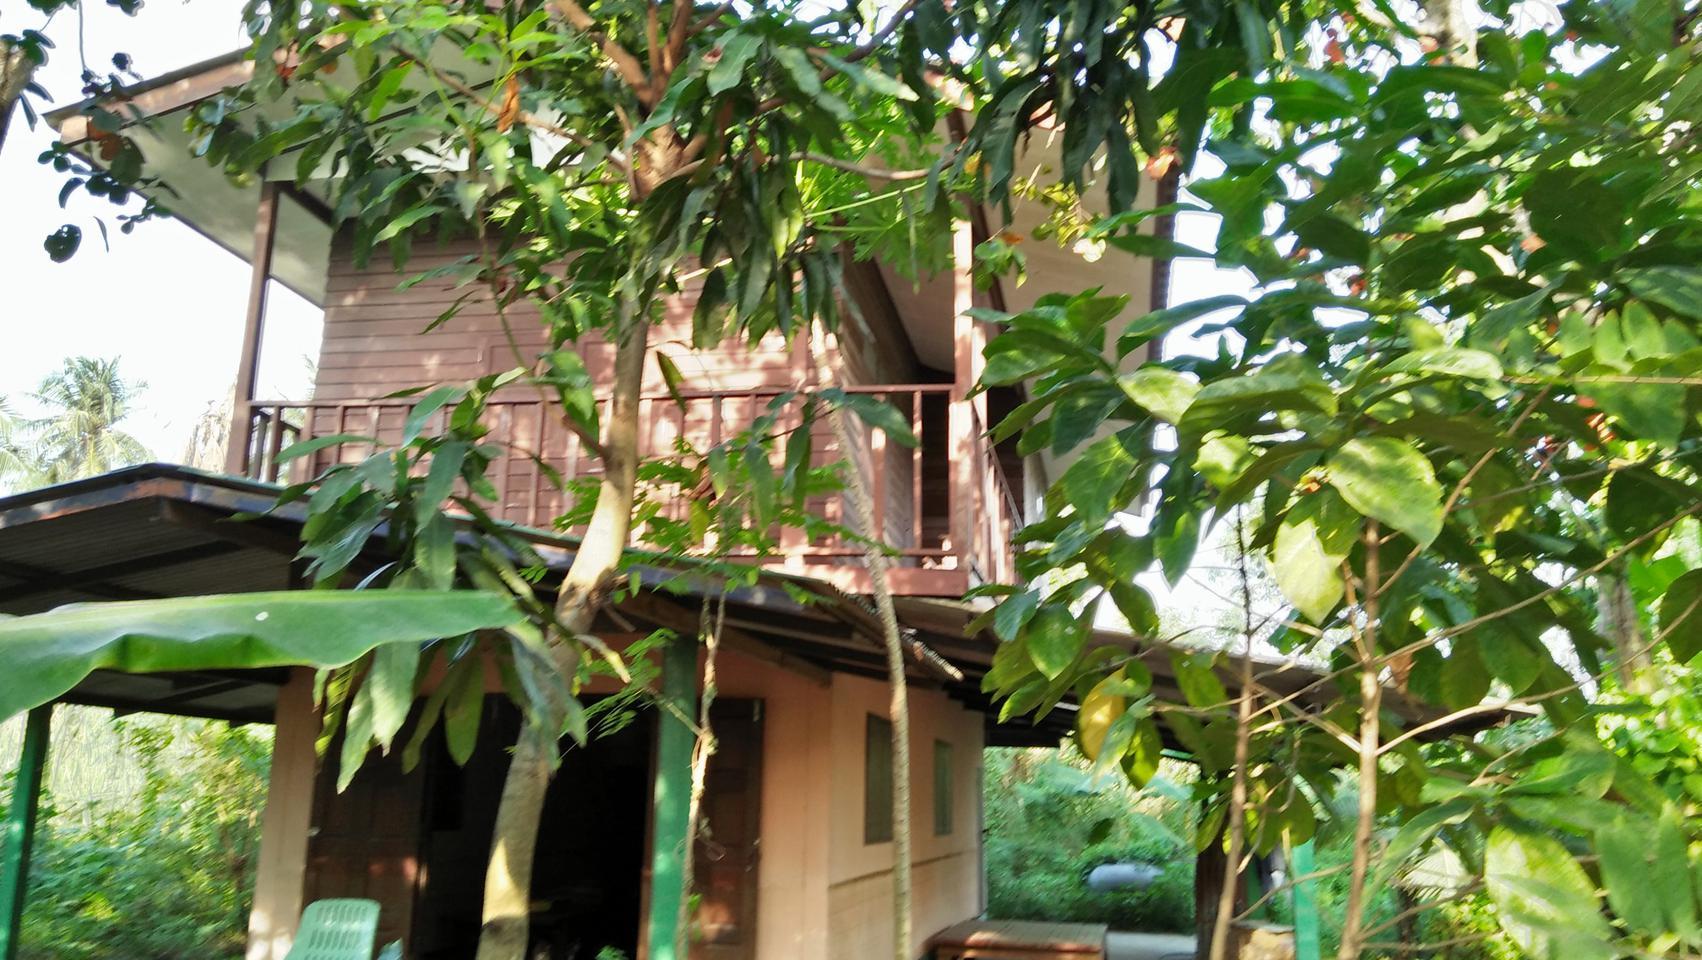 ขายสวนไร่พร้อมบ้านไม้เก่าติดลำคลอง ร่มรื่น ใกล้ถนนพุทธมณฑลสา รูปที่ 3